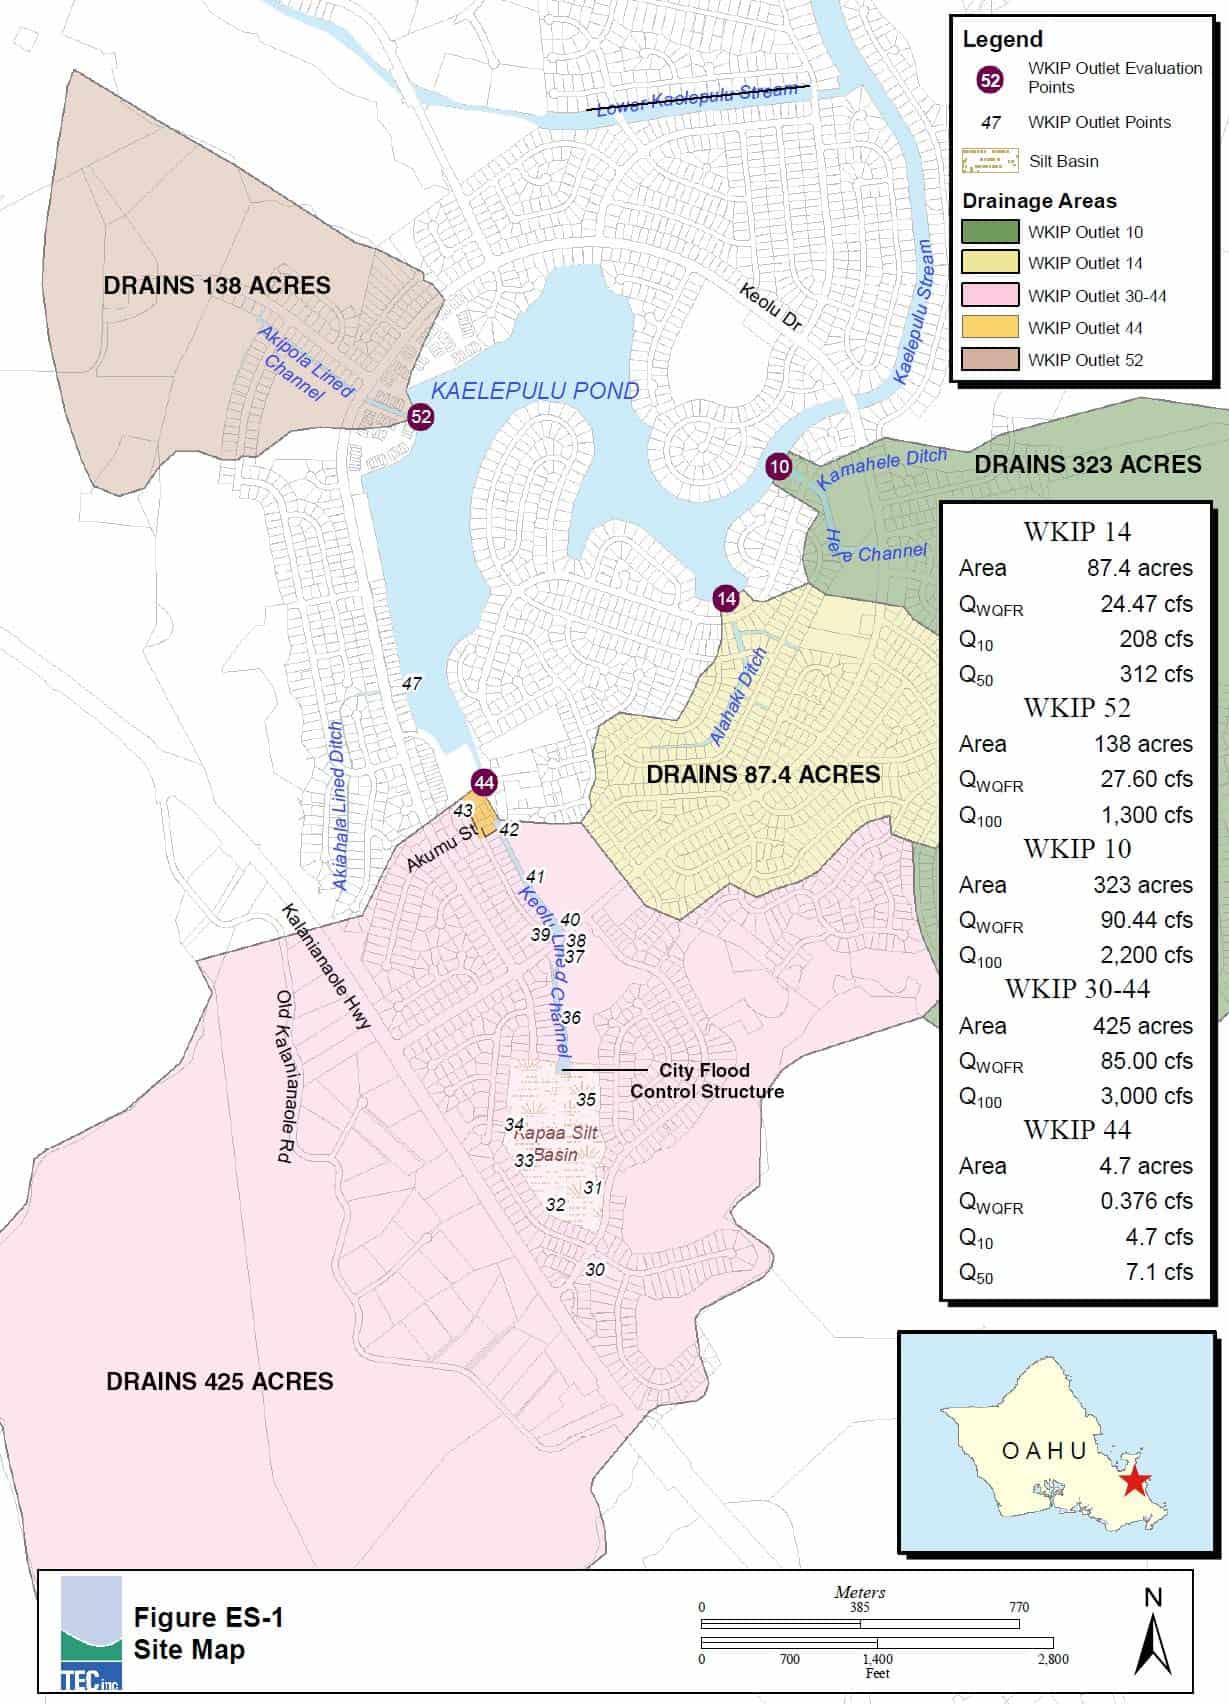 Major Storm drain outlets